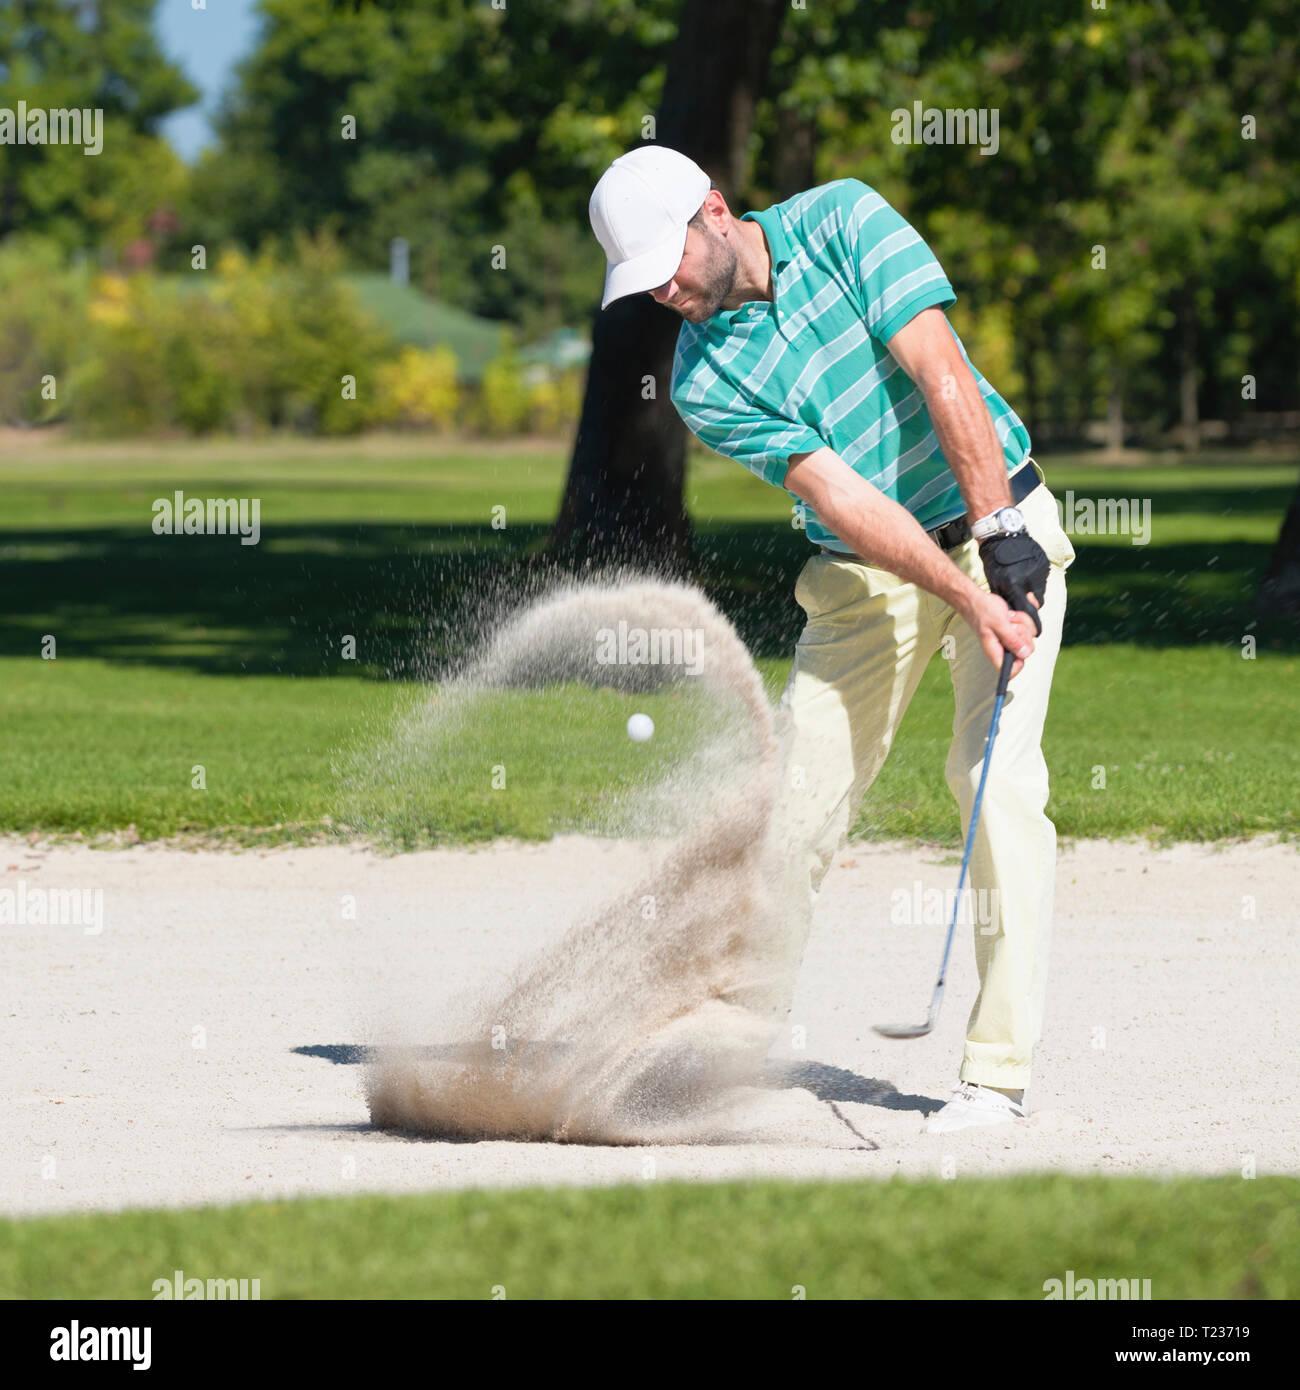 Golfeur frappe la balle hors de fosse de sable. L'accent sur golfeur, boule de sable dans la vague de flou. Banque D'Images